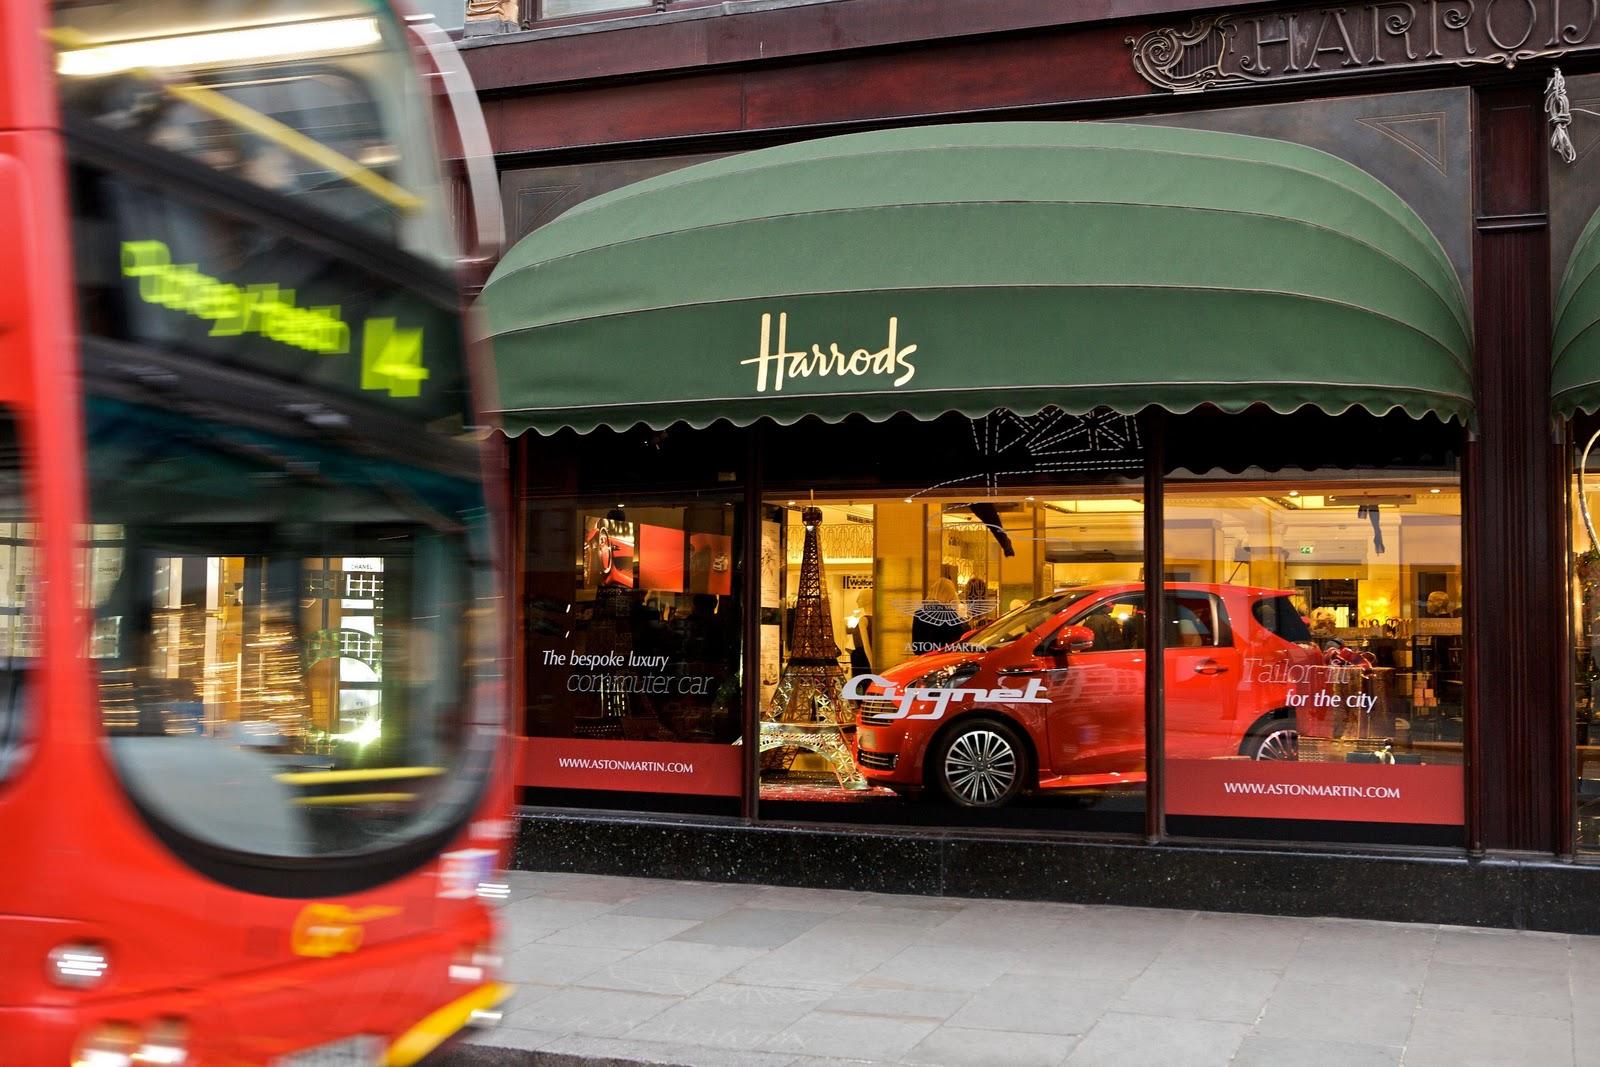 Aston Martin Cygnet Harrods.jpg